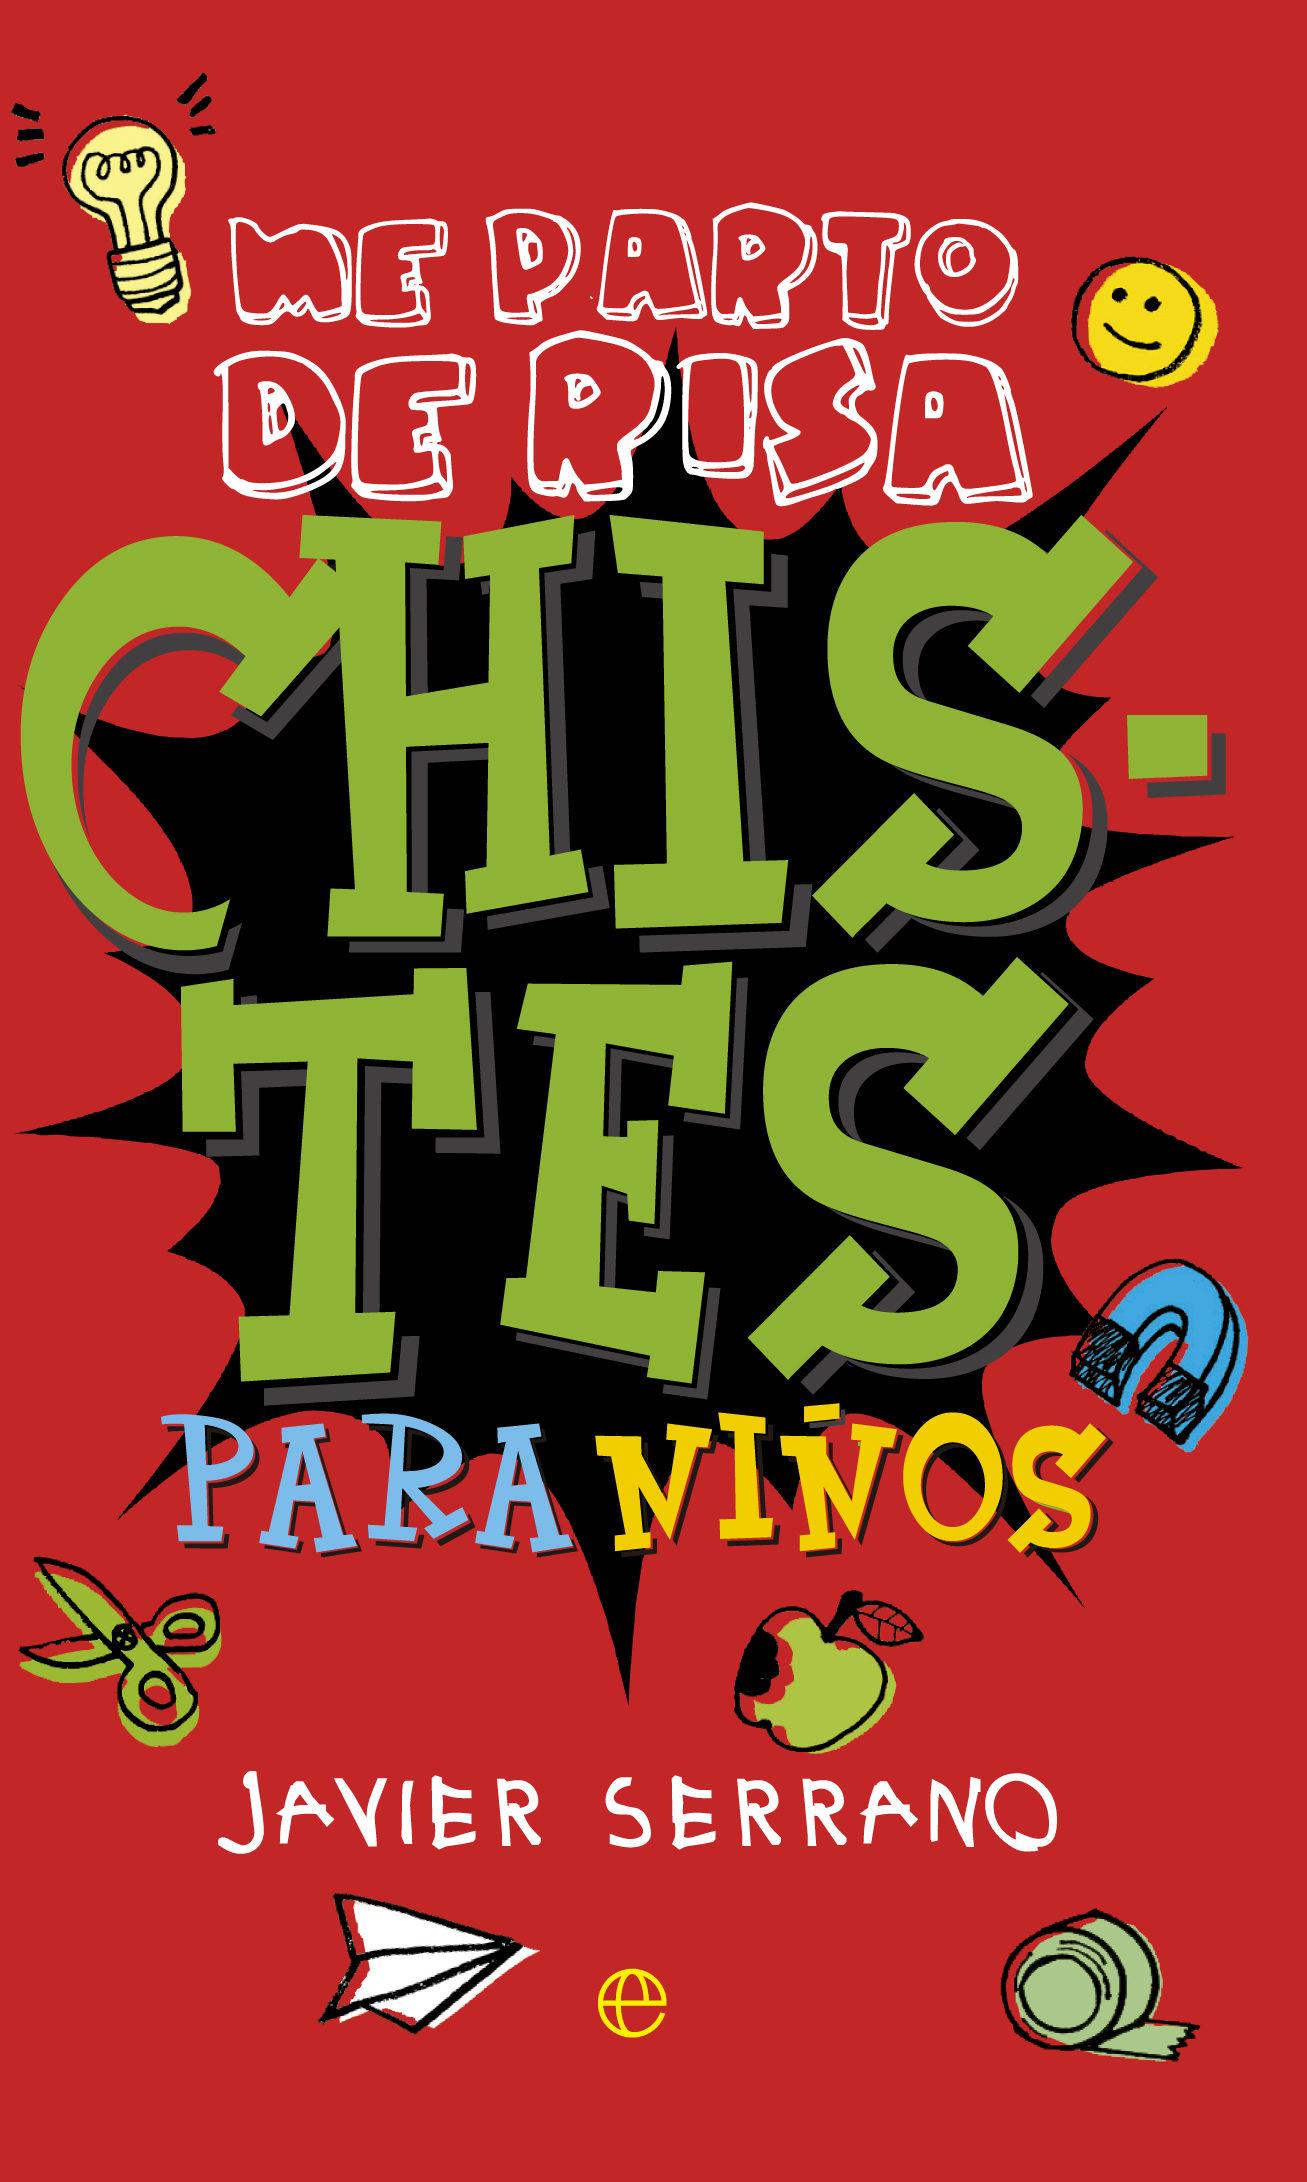 CHISTES PARA NIÑOS EBOOK   JAVIER SERRANO   Descargar libro PDF o ...